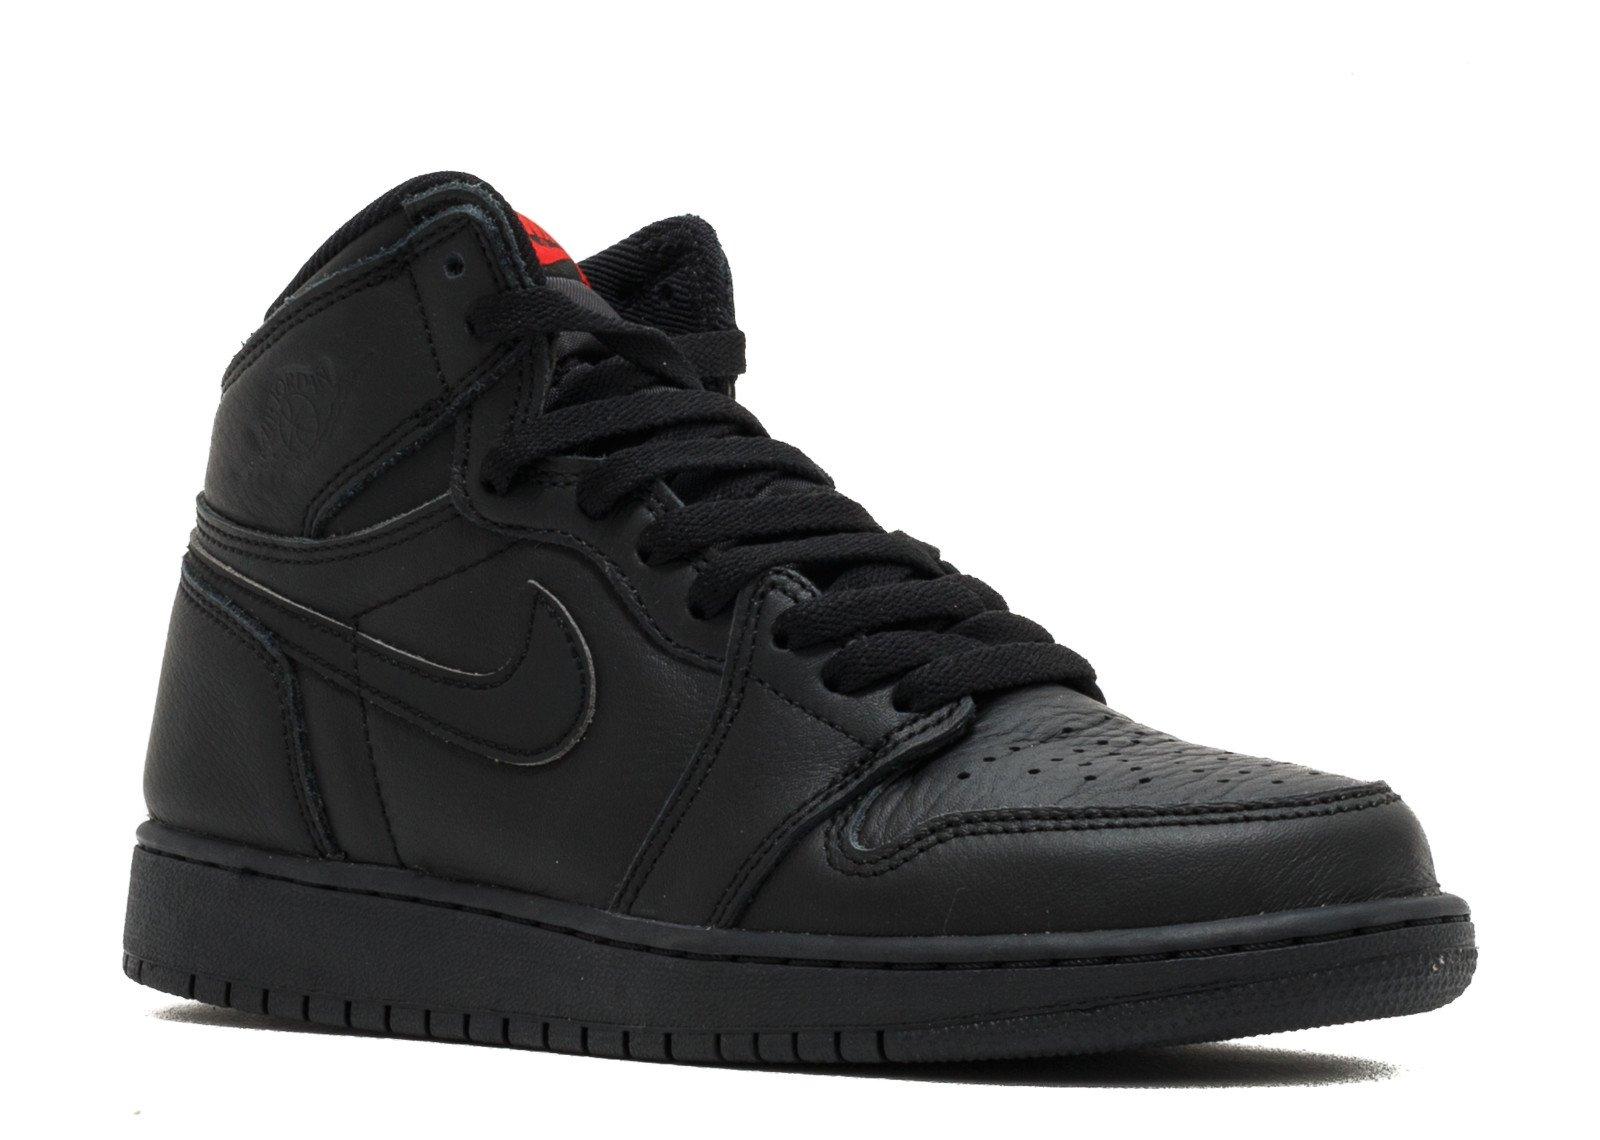 Nike 1 Retro High Og Big Kids Style : 575441-022 Size : 5 Y US